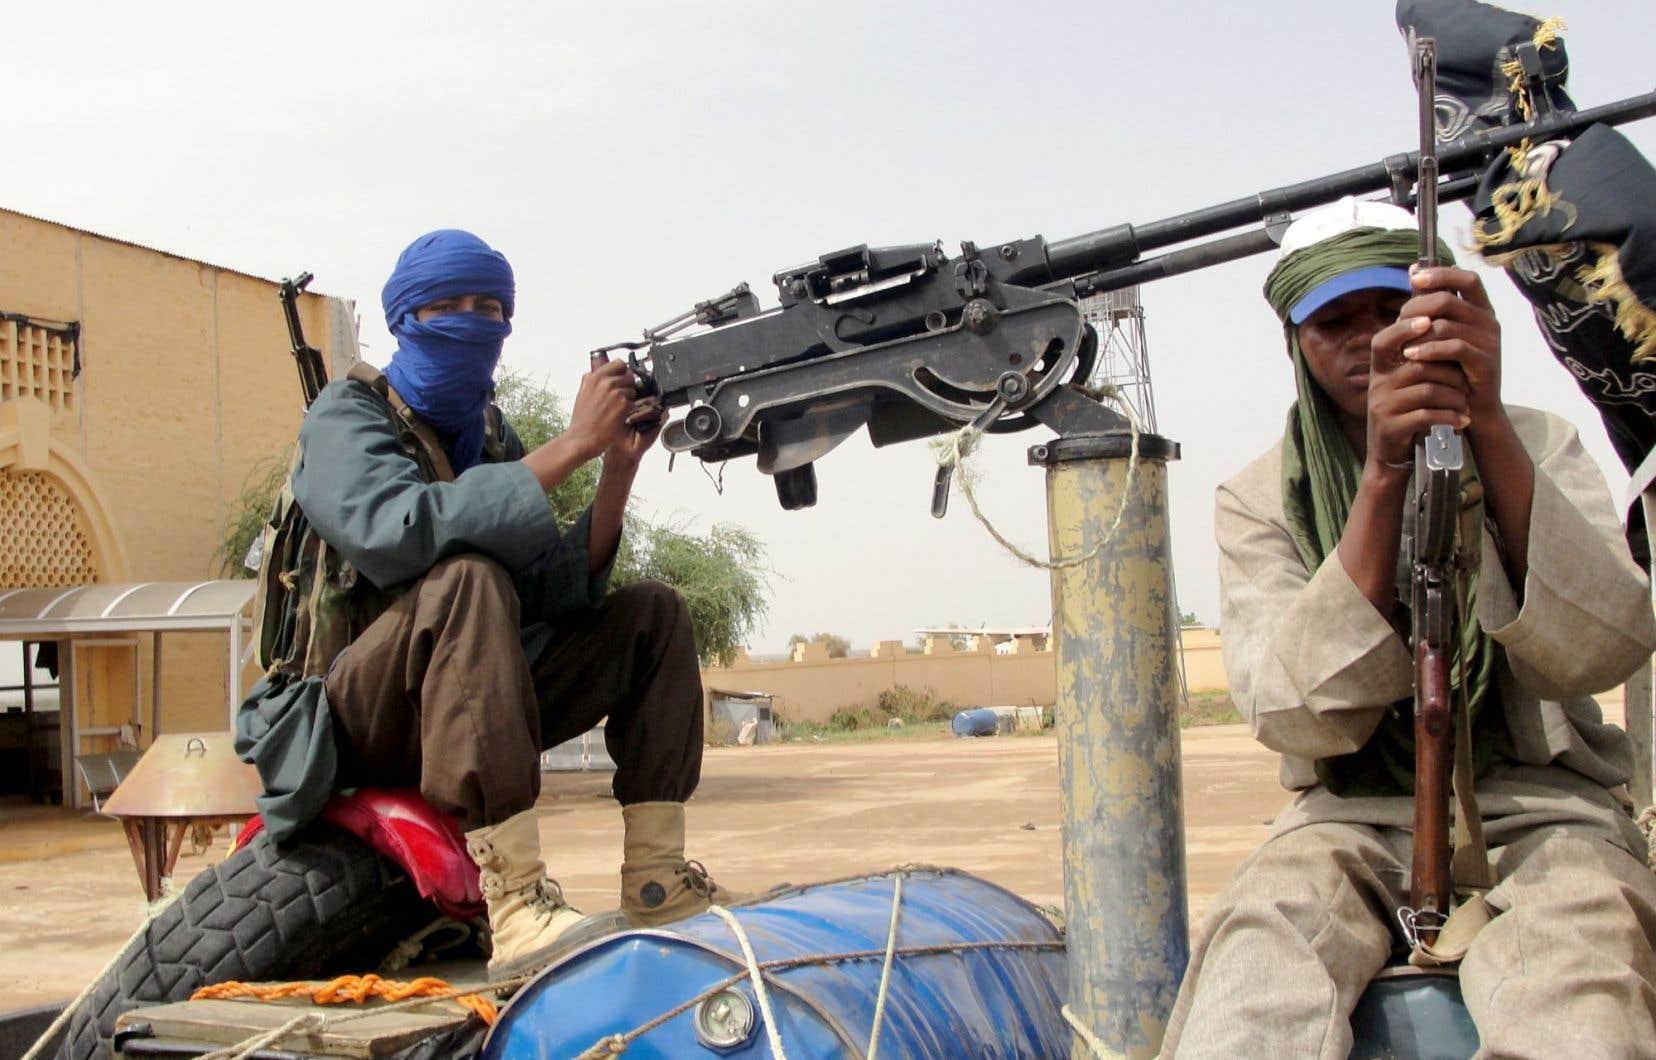 Des combattants du Mouvement pour l'unicité et le jihad en Afrique de l'Ouest (MUJAO) montent la garde près de l'aéroport de Gao.